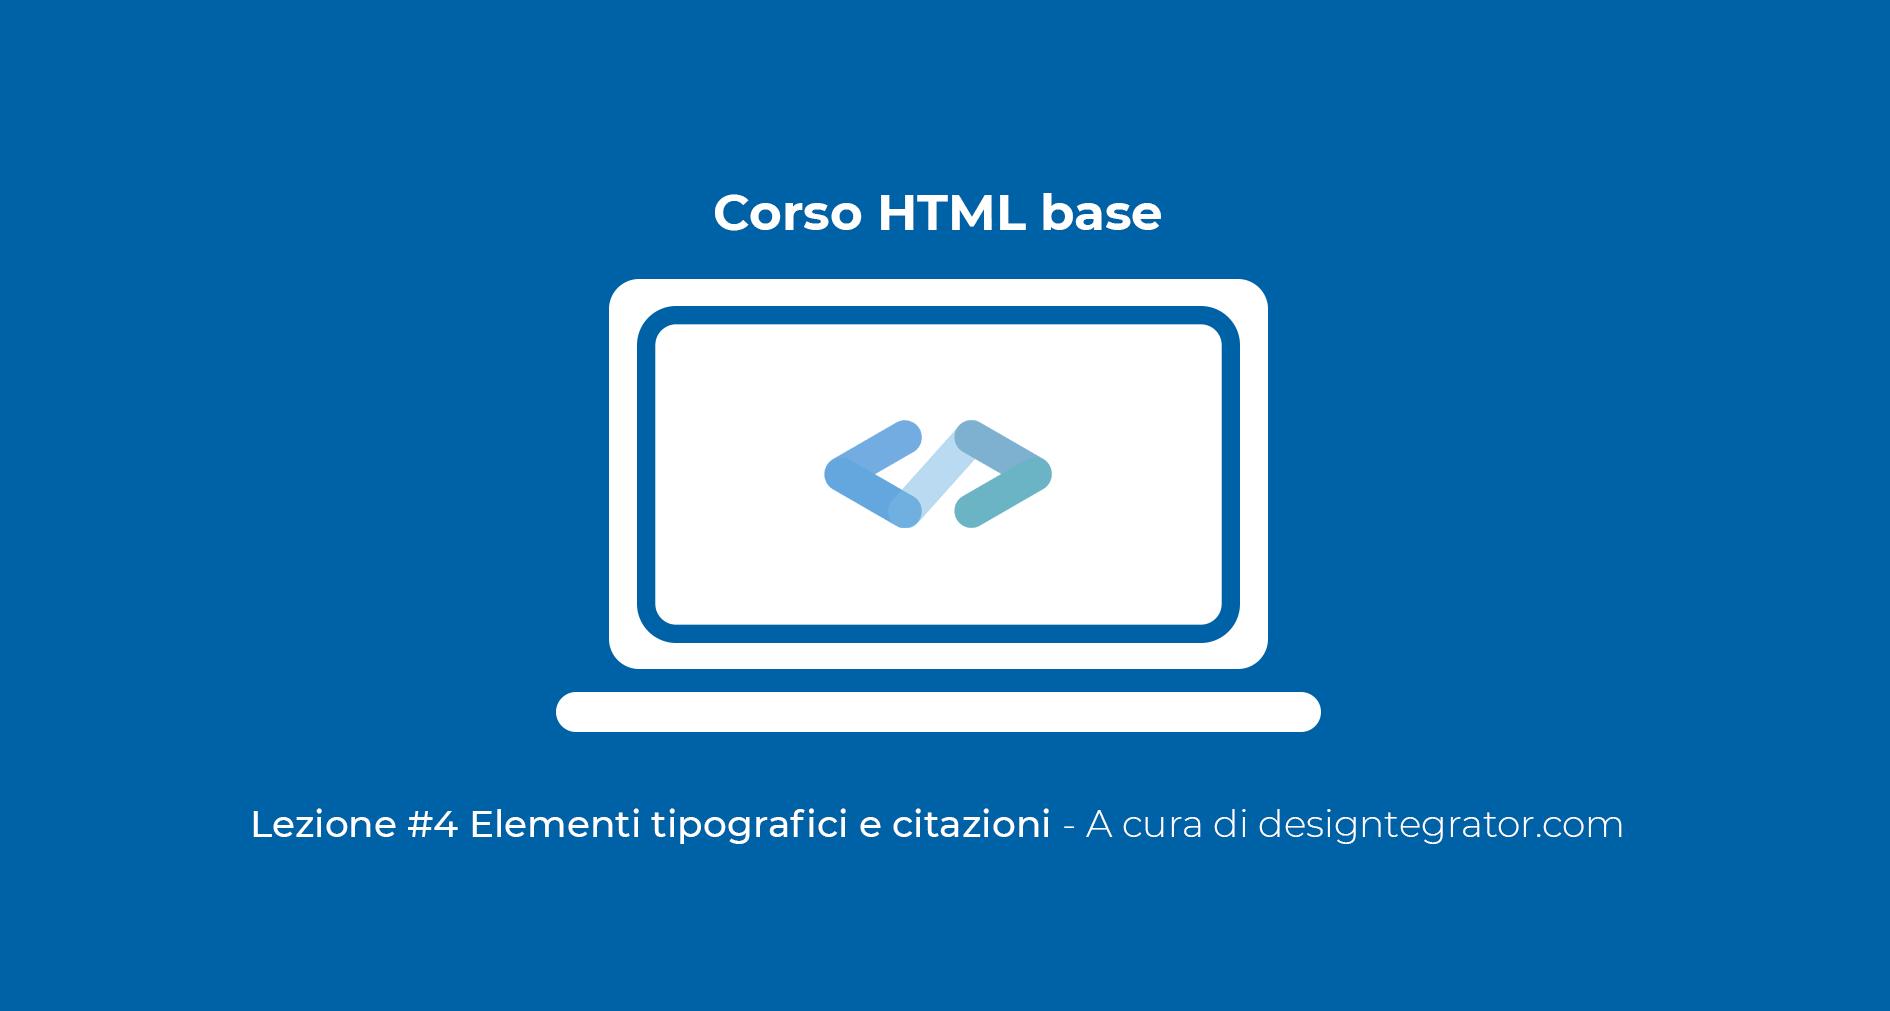 Corso html base - lezione 4